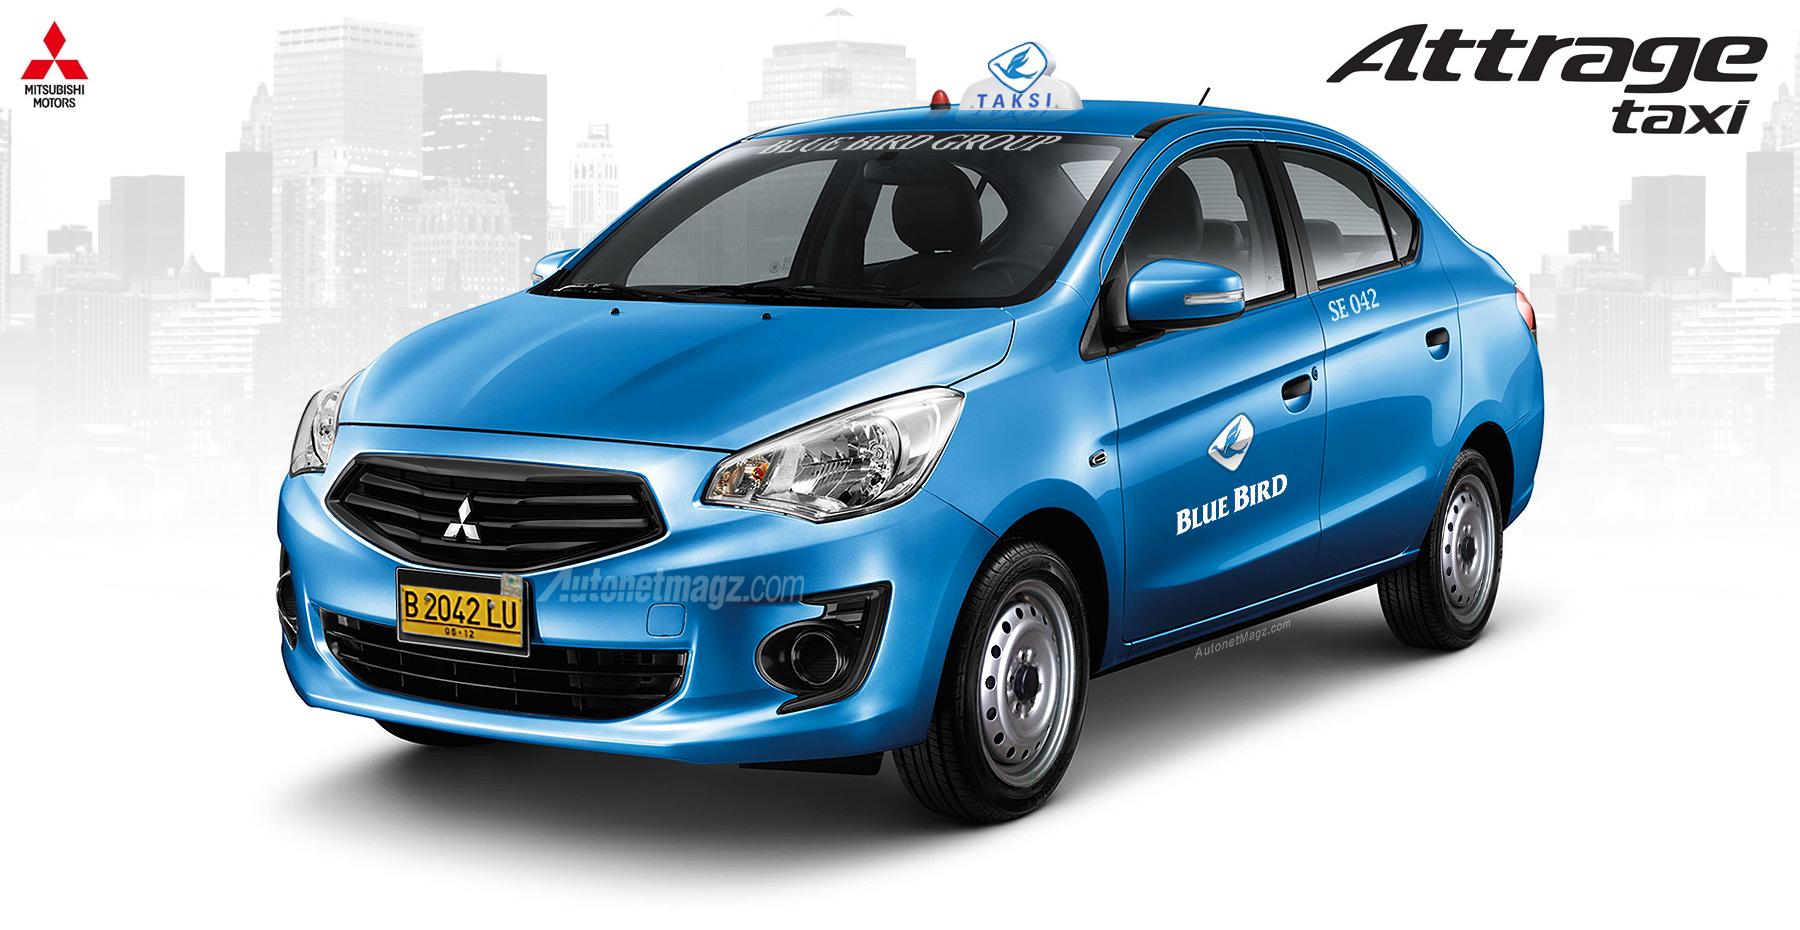 mitsubishi attrage taksi taksi  irit nih autonetmagz